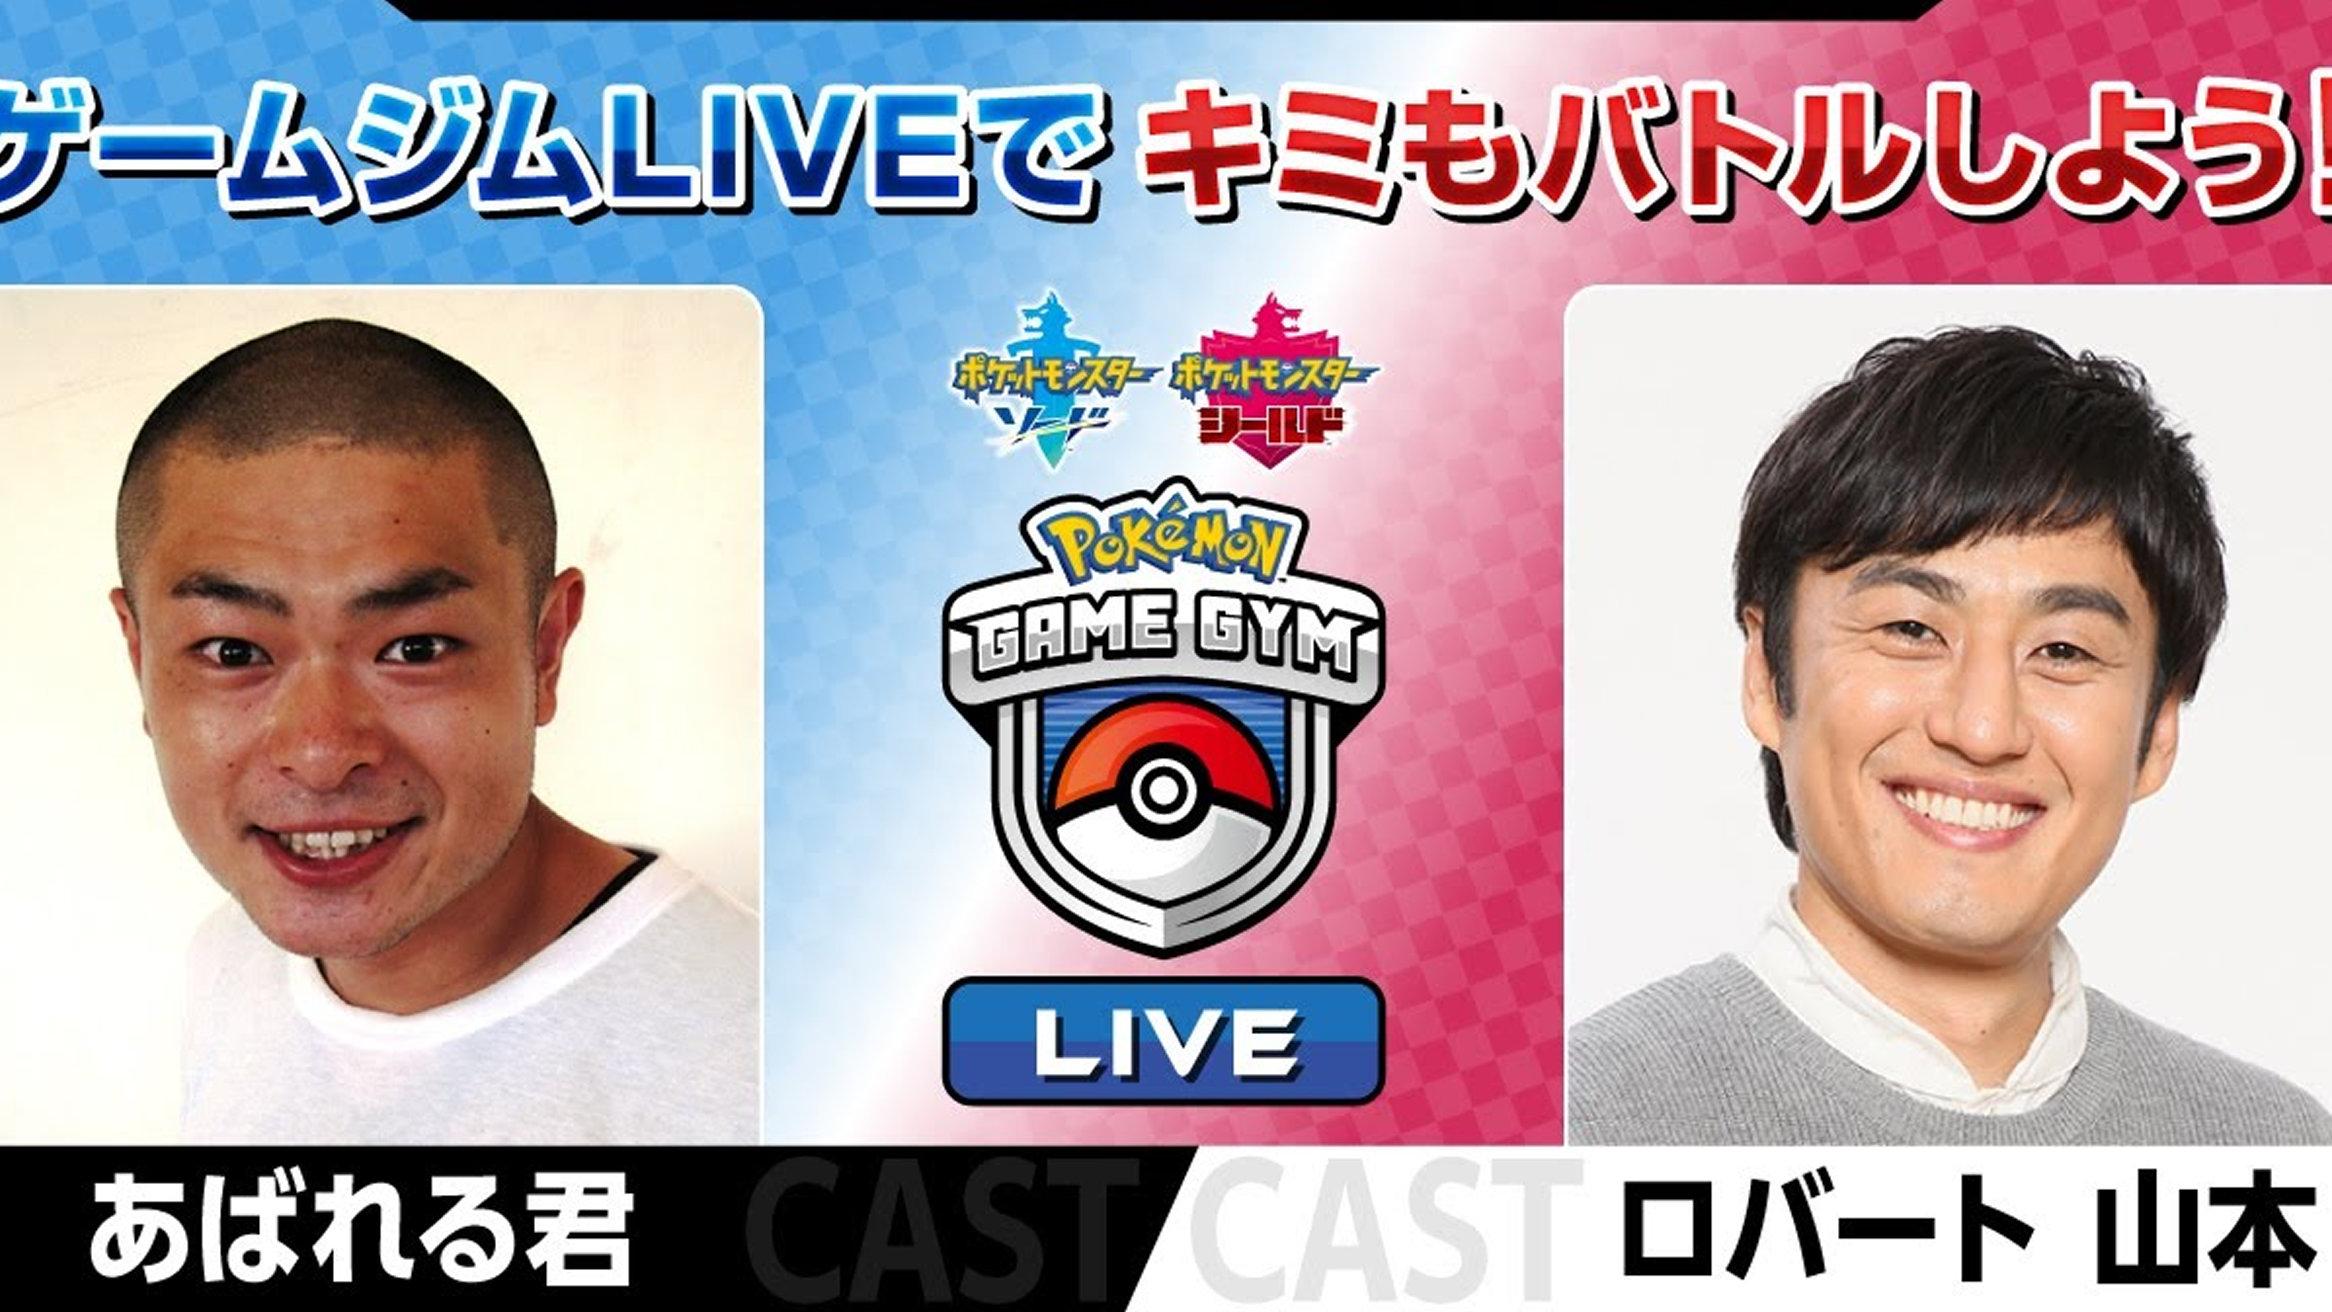 ポケモン ソード シールド、視聴者も参加ゲームジムLIVEの番組